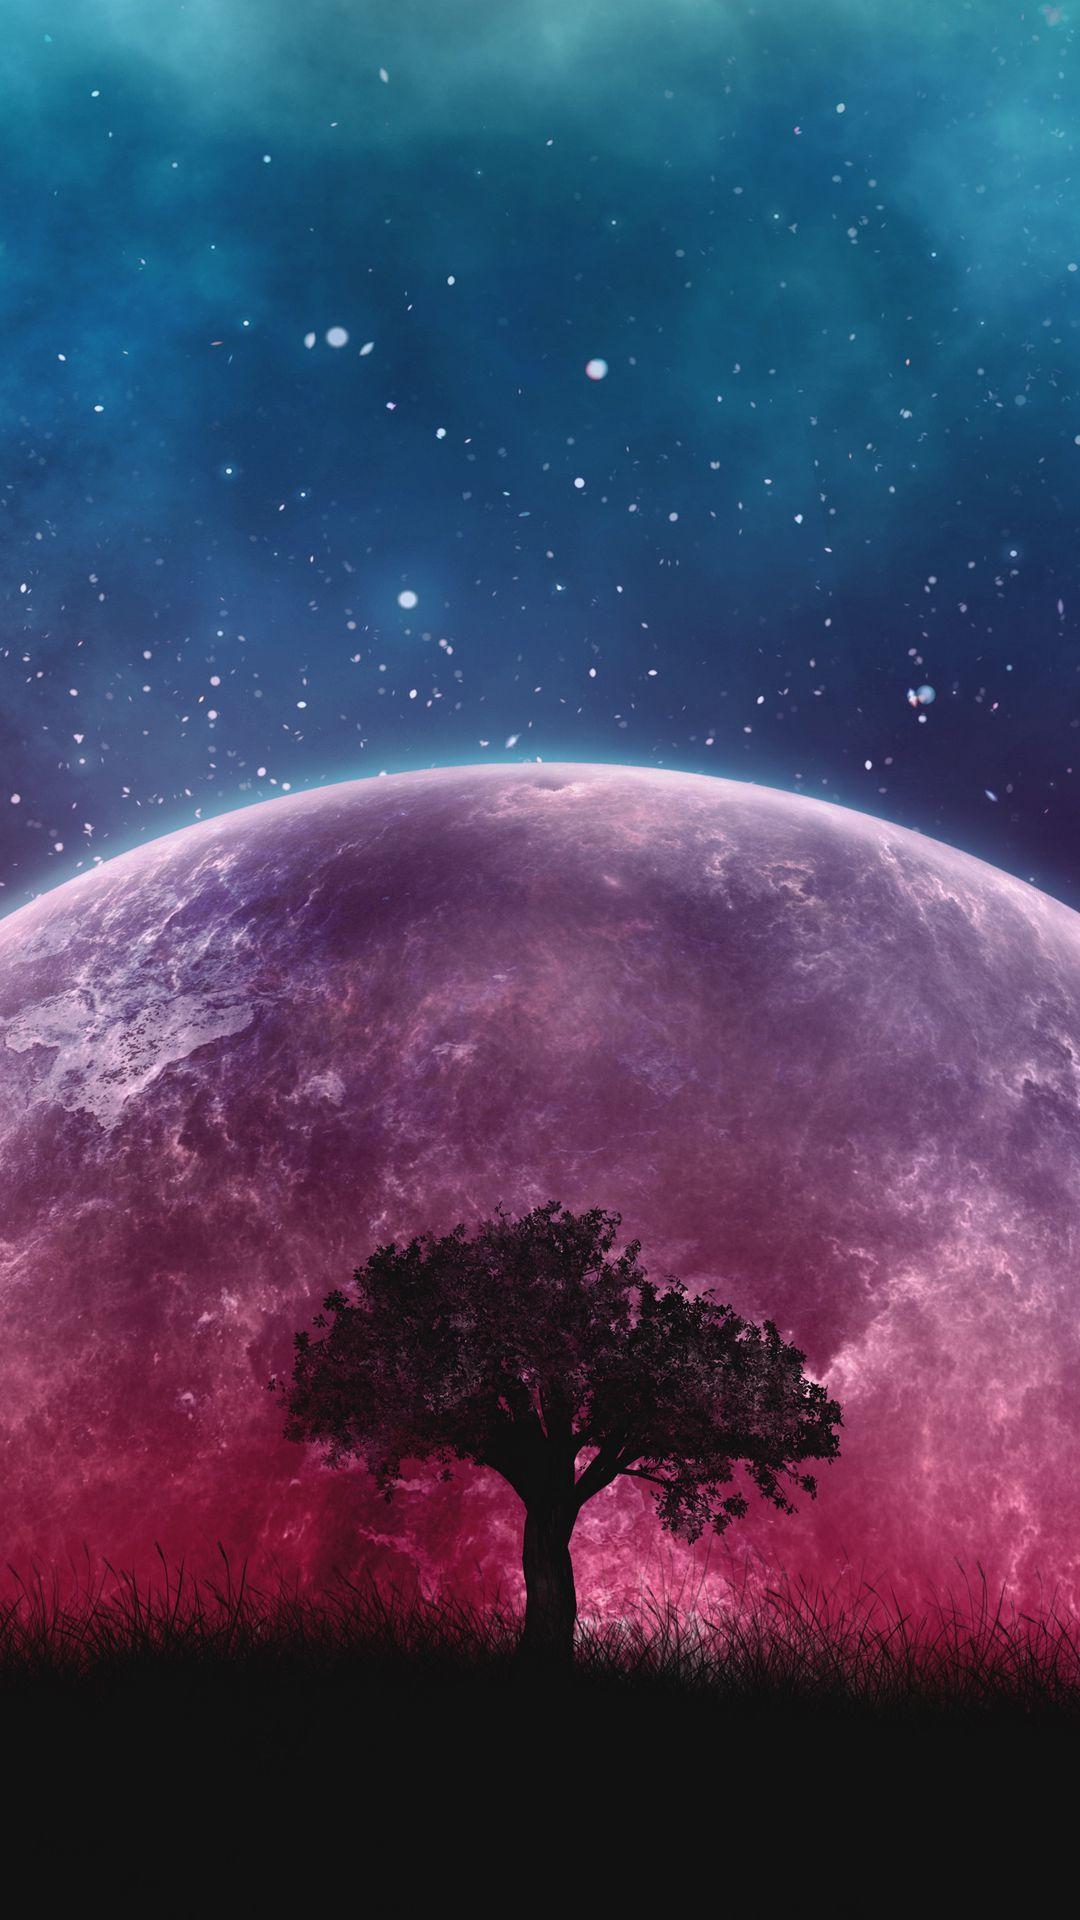 1080x1920 Обои дерево, планета, звезды, галактика, арт